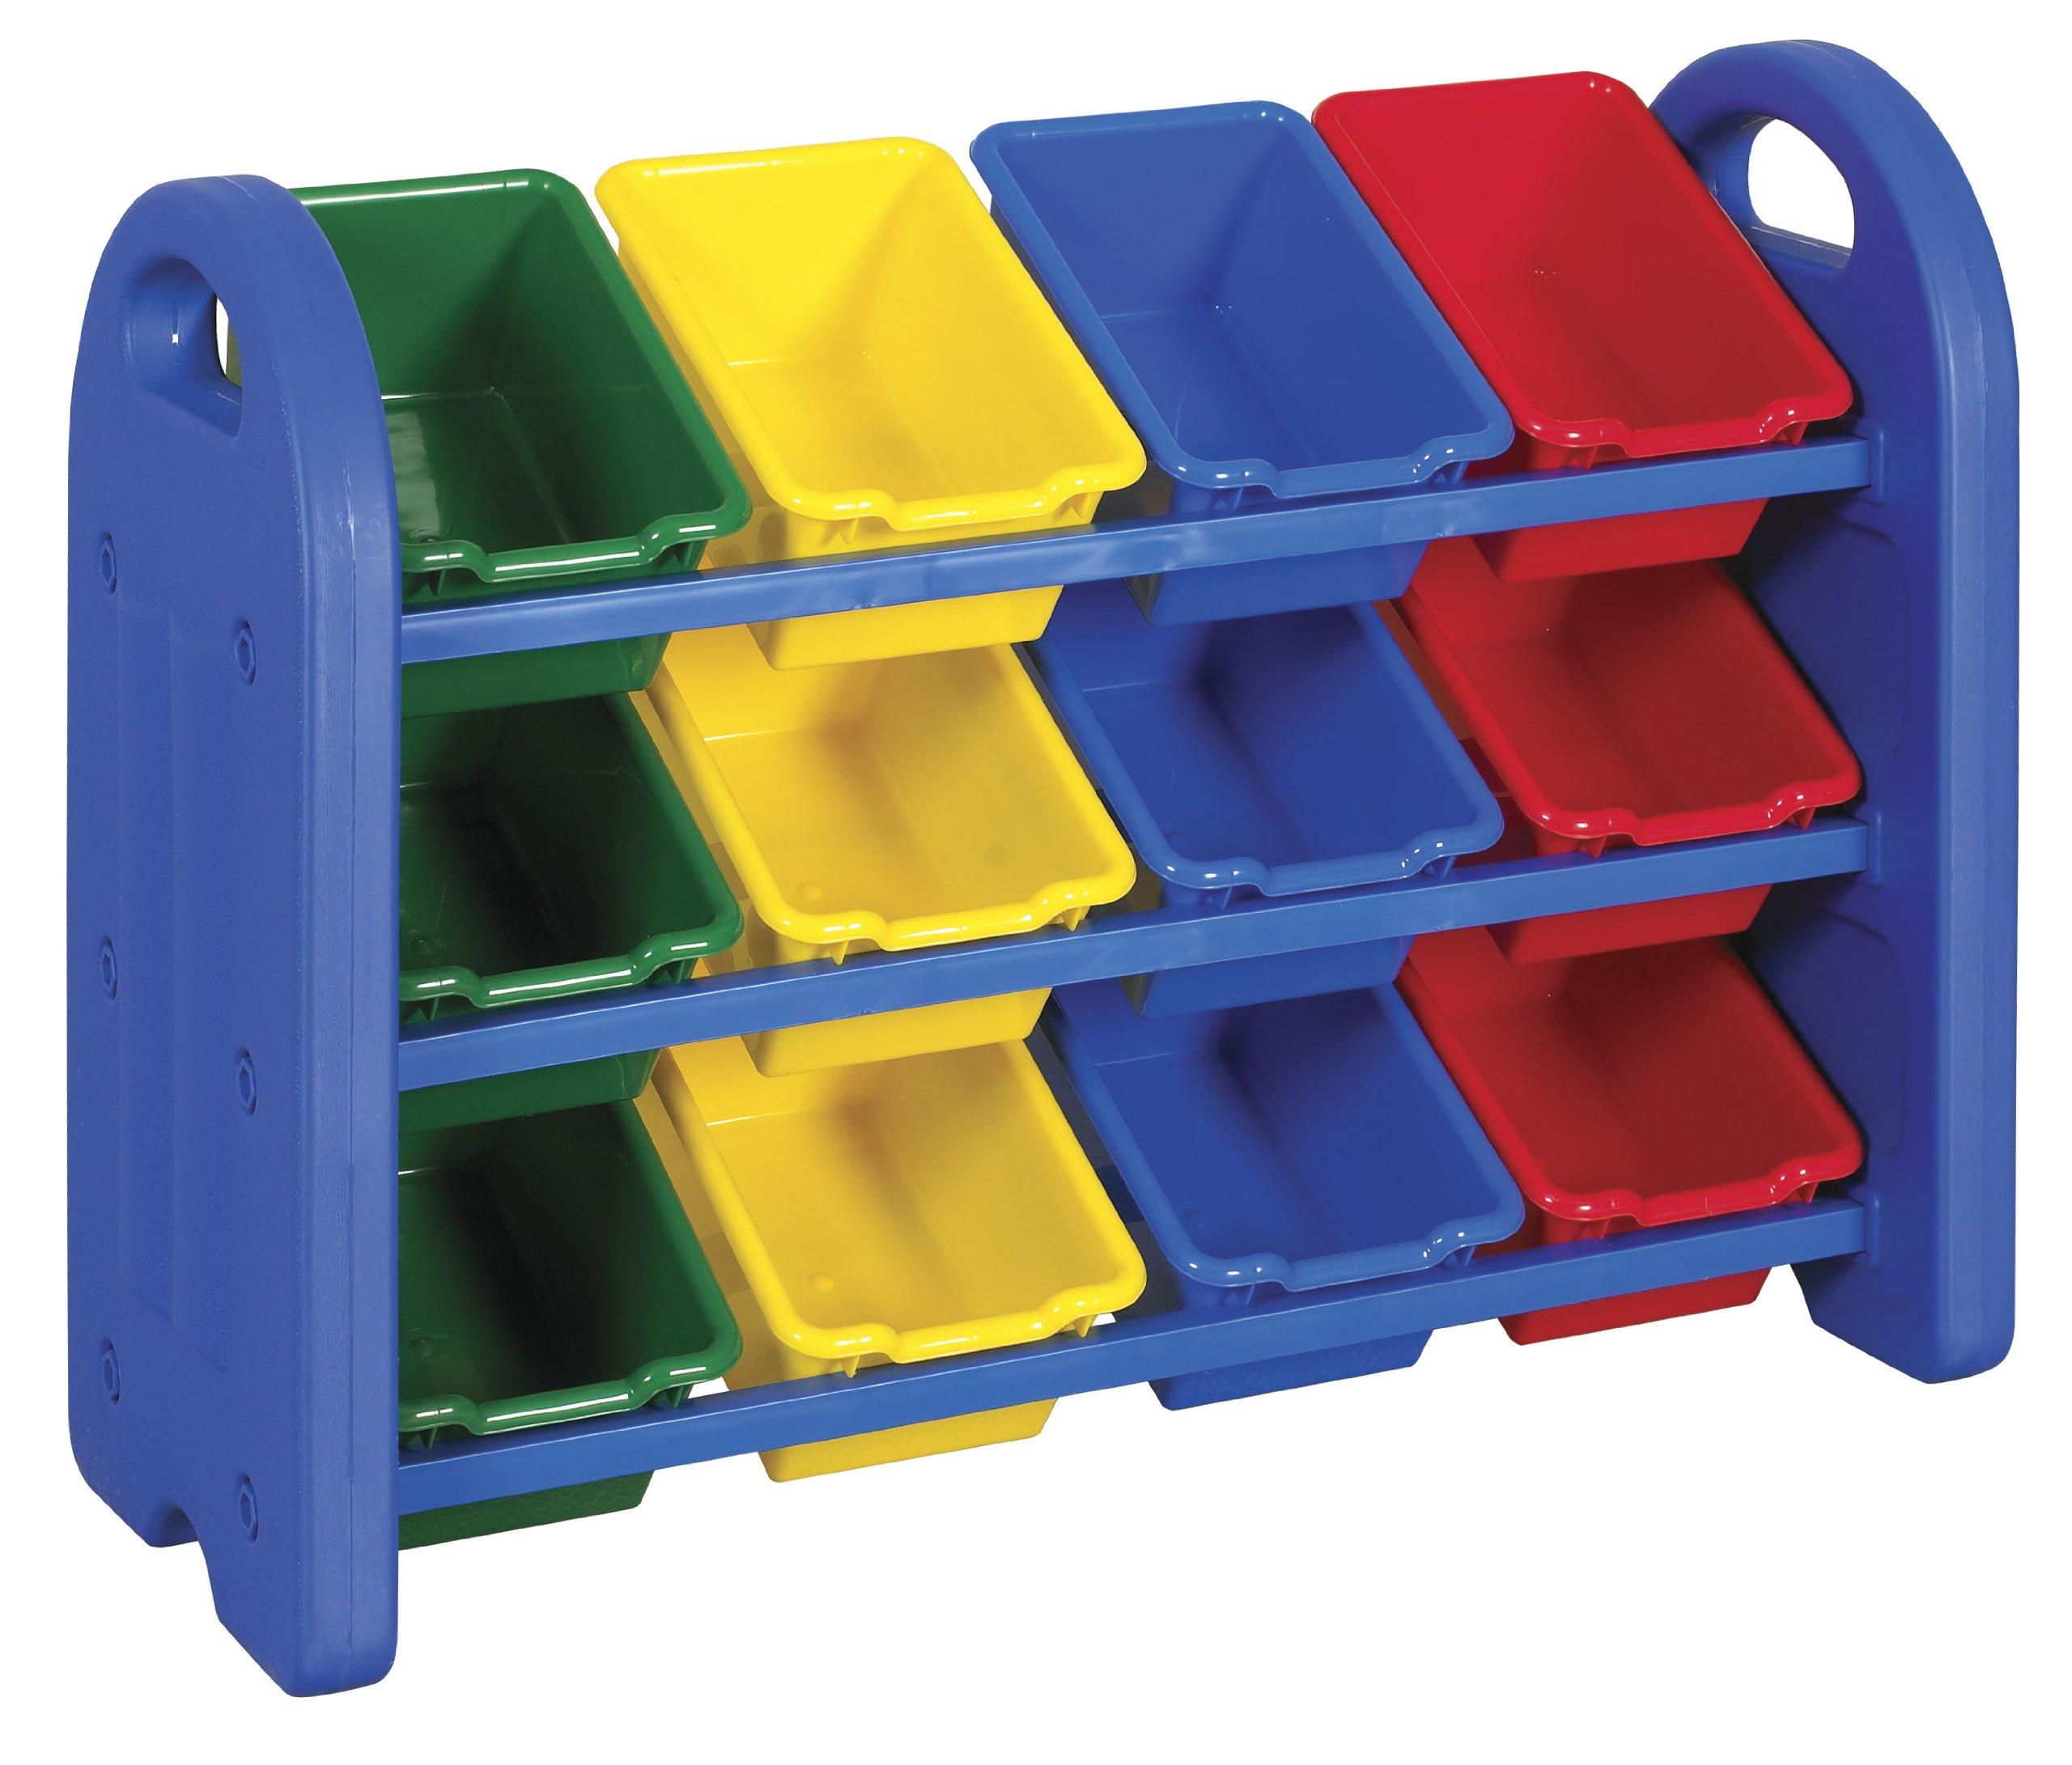 ECR4Kids 3 Tier Toy Storage Organizer With 12 Bins